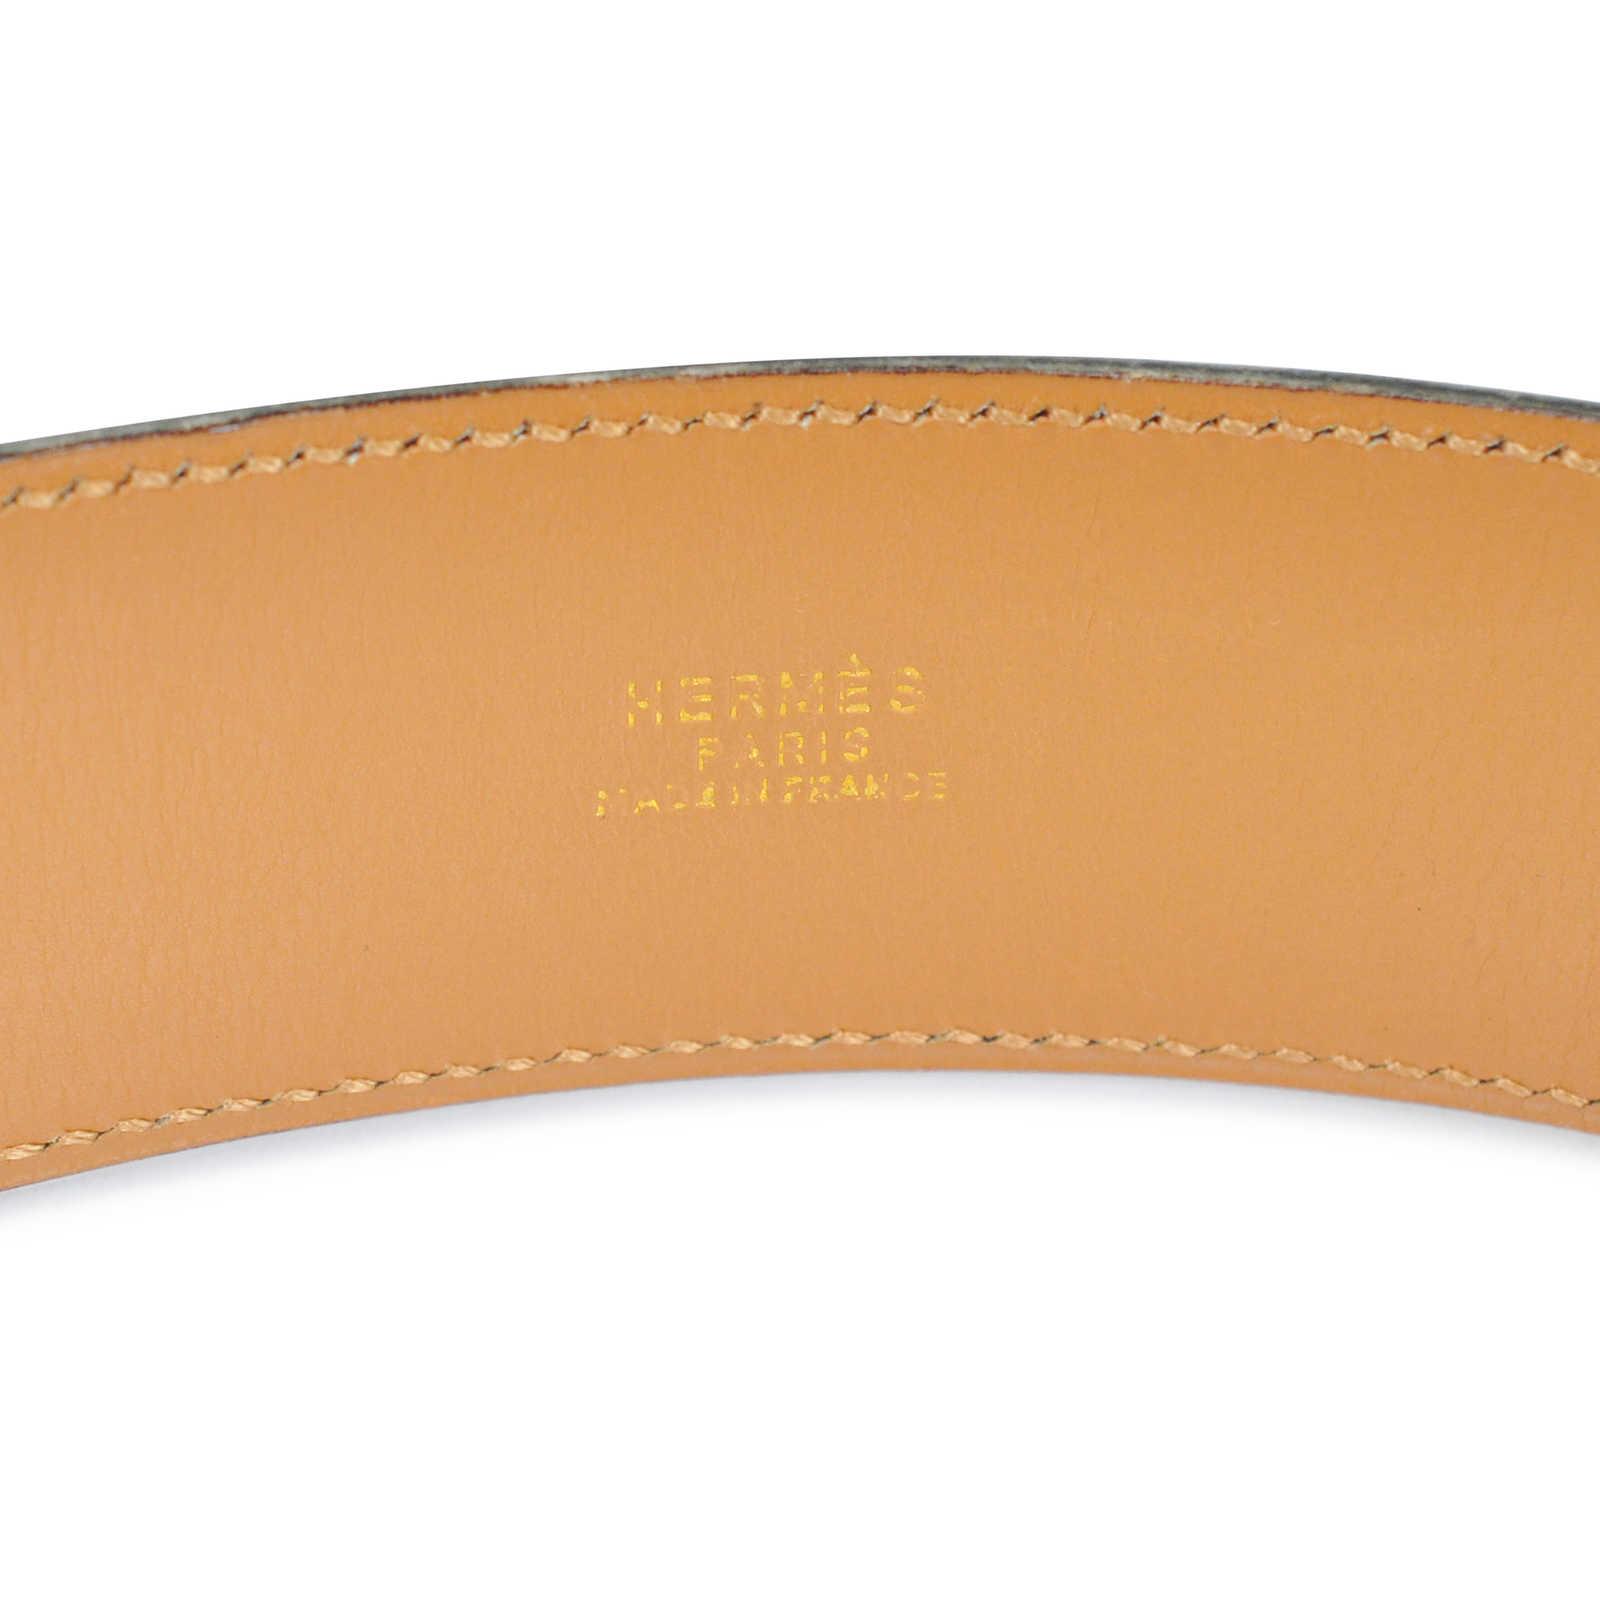 33680bdaa0 ... Authentic Vintage Hermès Médor Belt (TFC-101-00036) - Thumbnail 3